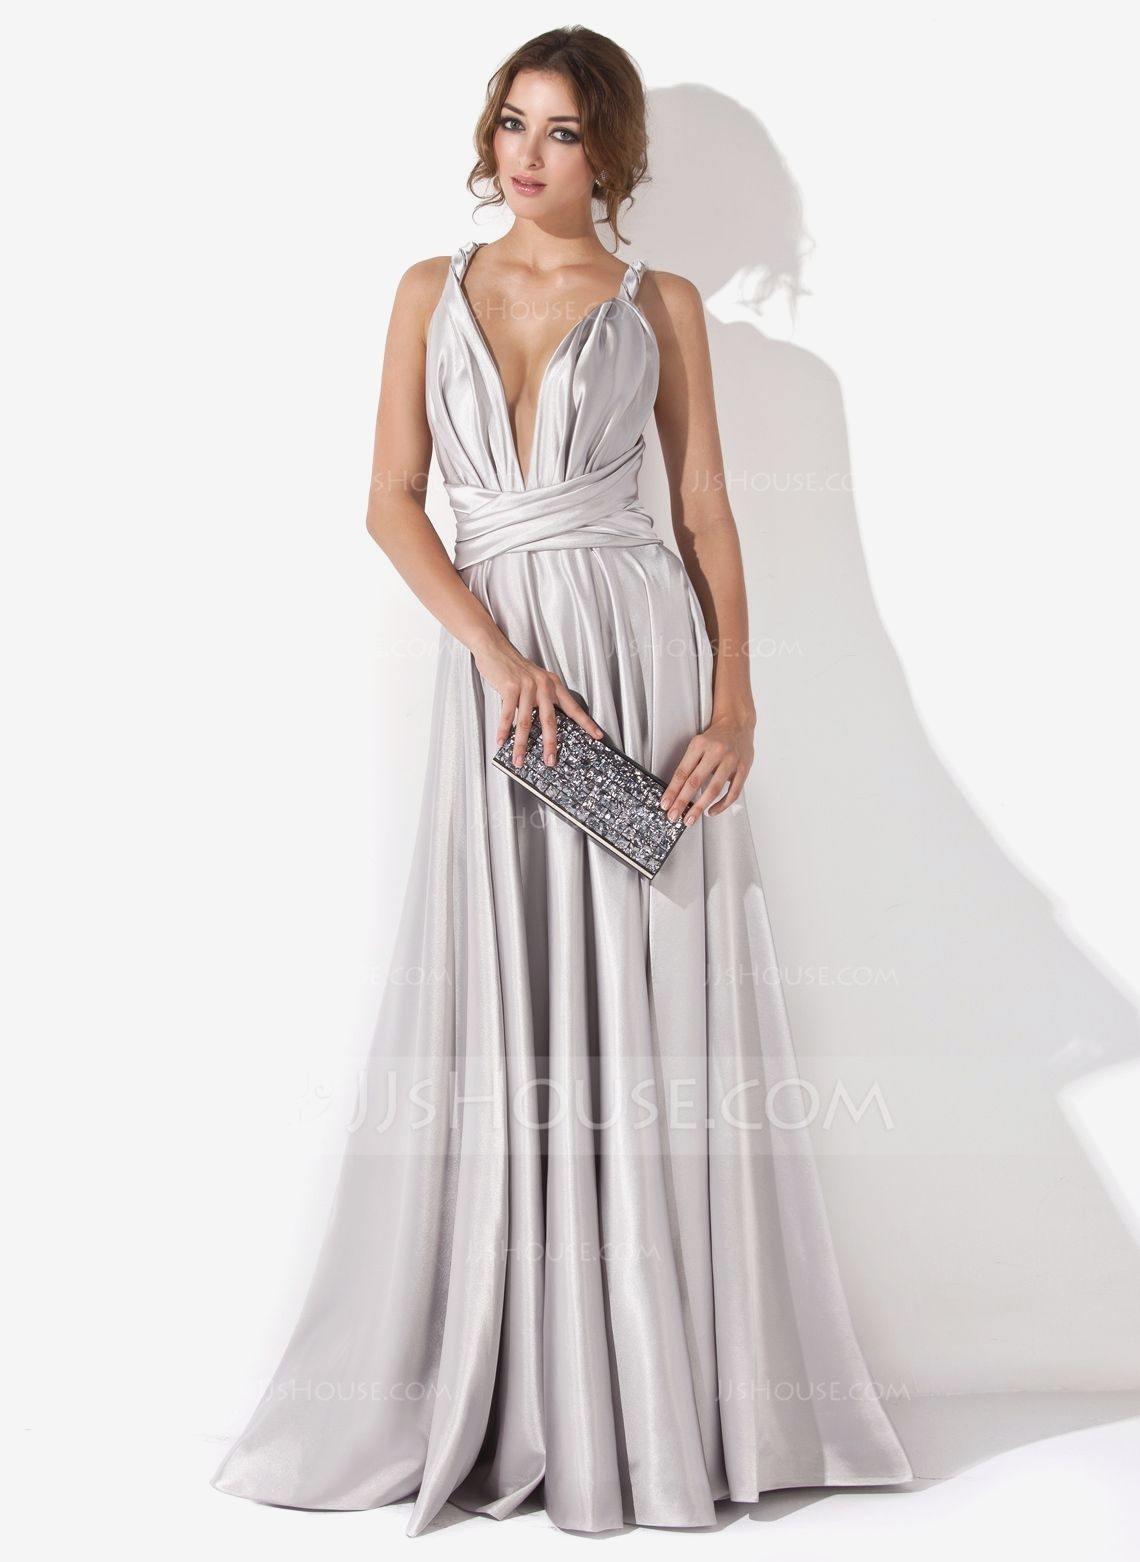 10 Coolste Abendkleider Preiswert Boutique13 Genial Abendkleider Preiswert Galerie